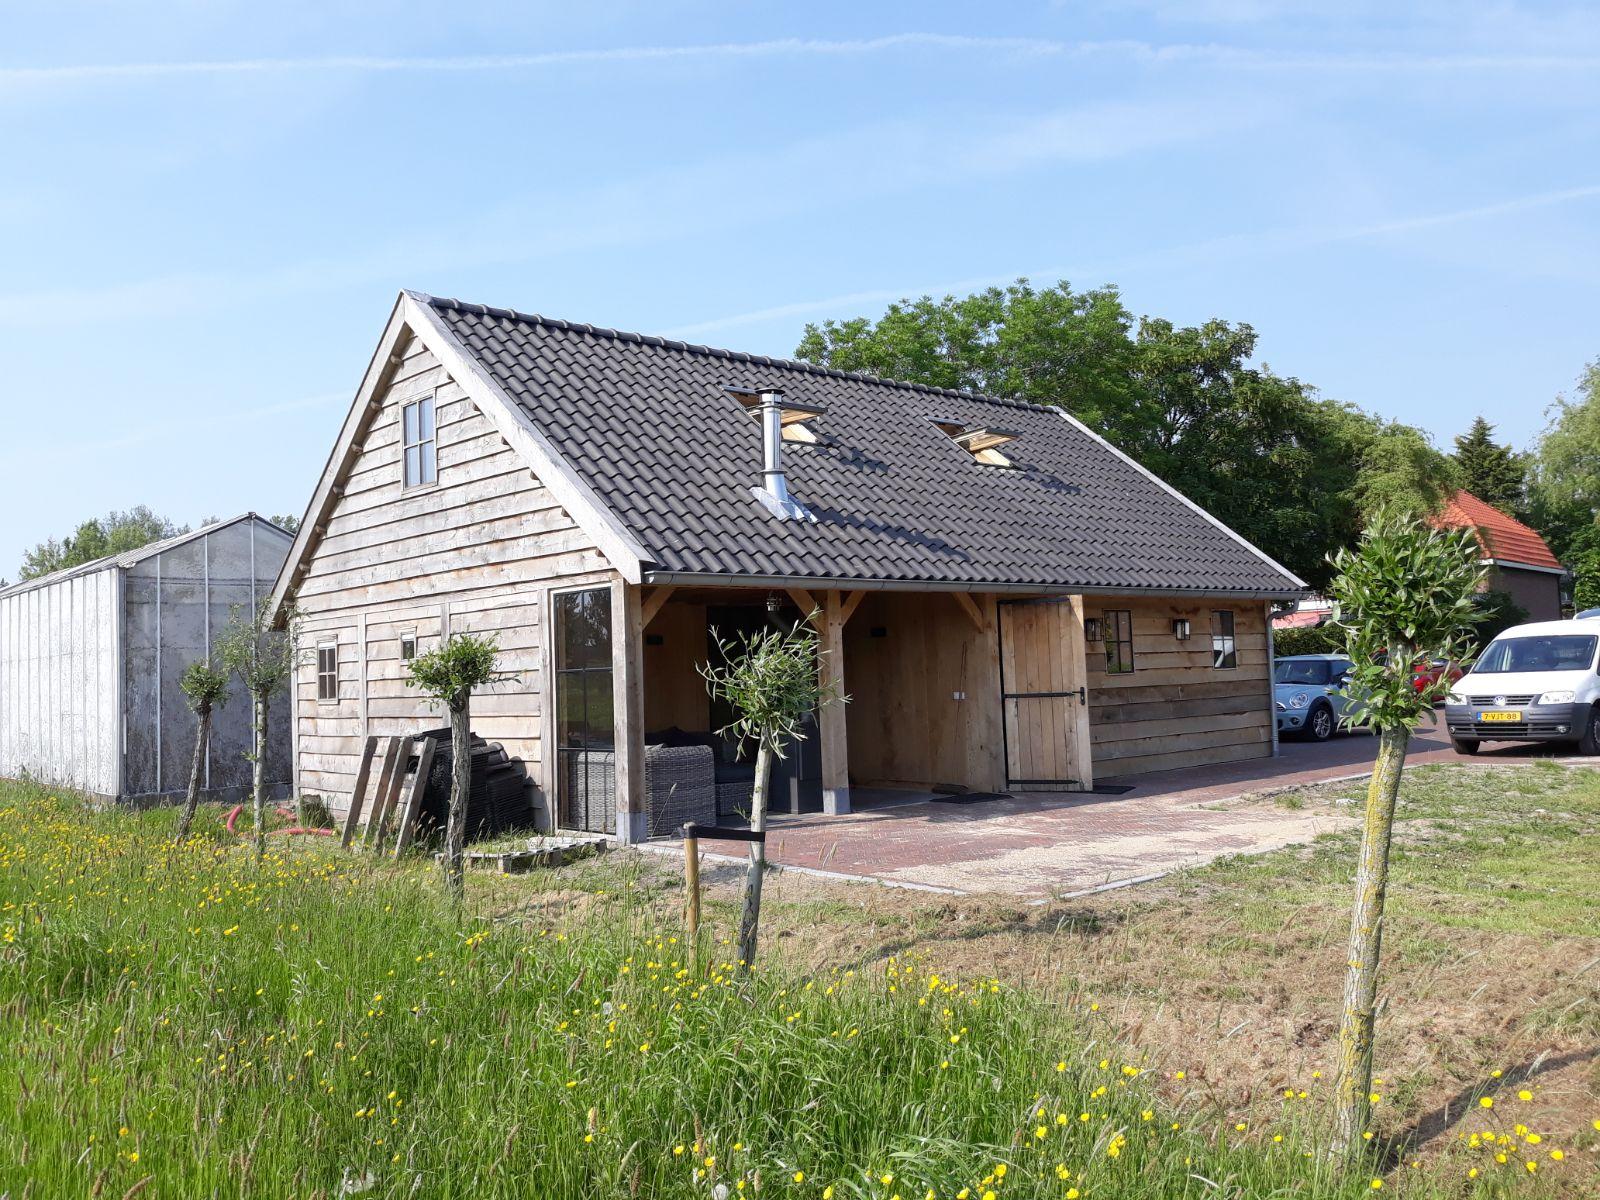 eiken-bijgebouw-3 - Project Maassluis: Eiken Recreatiewoning - Bijgebouw